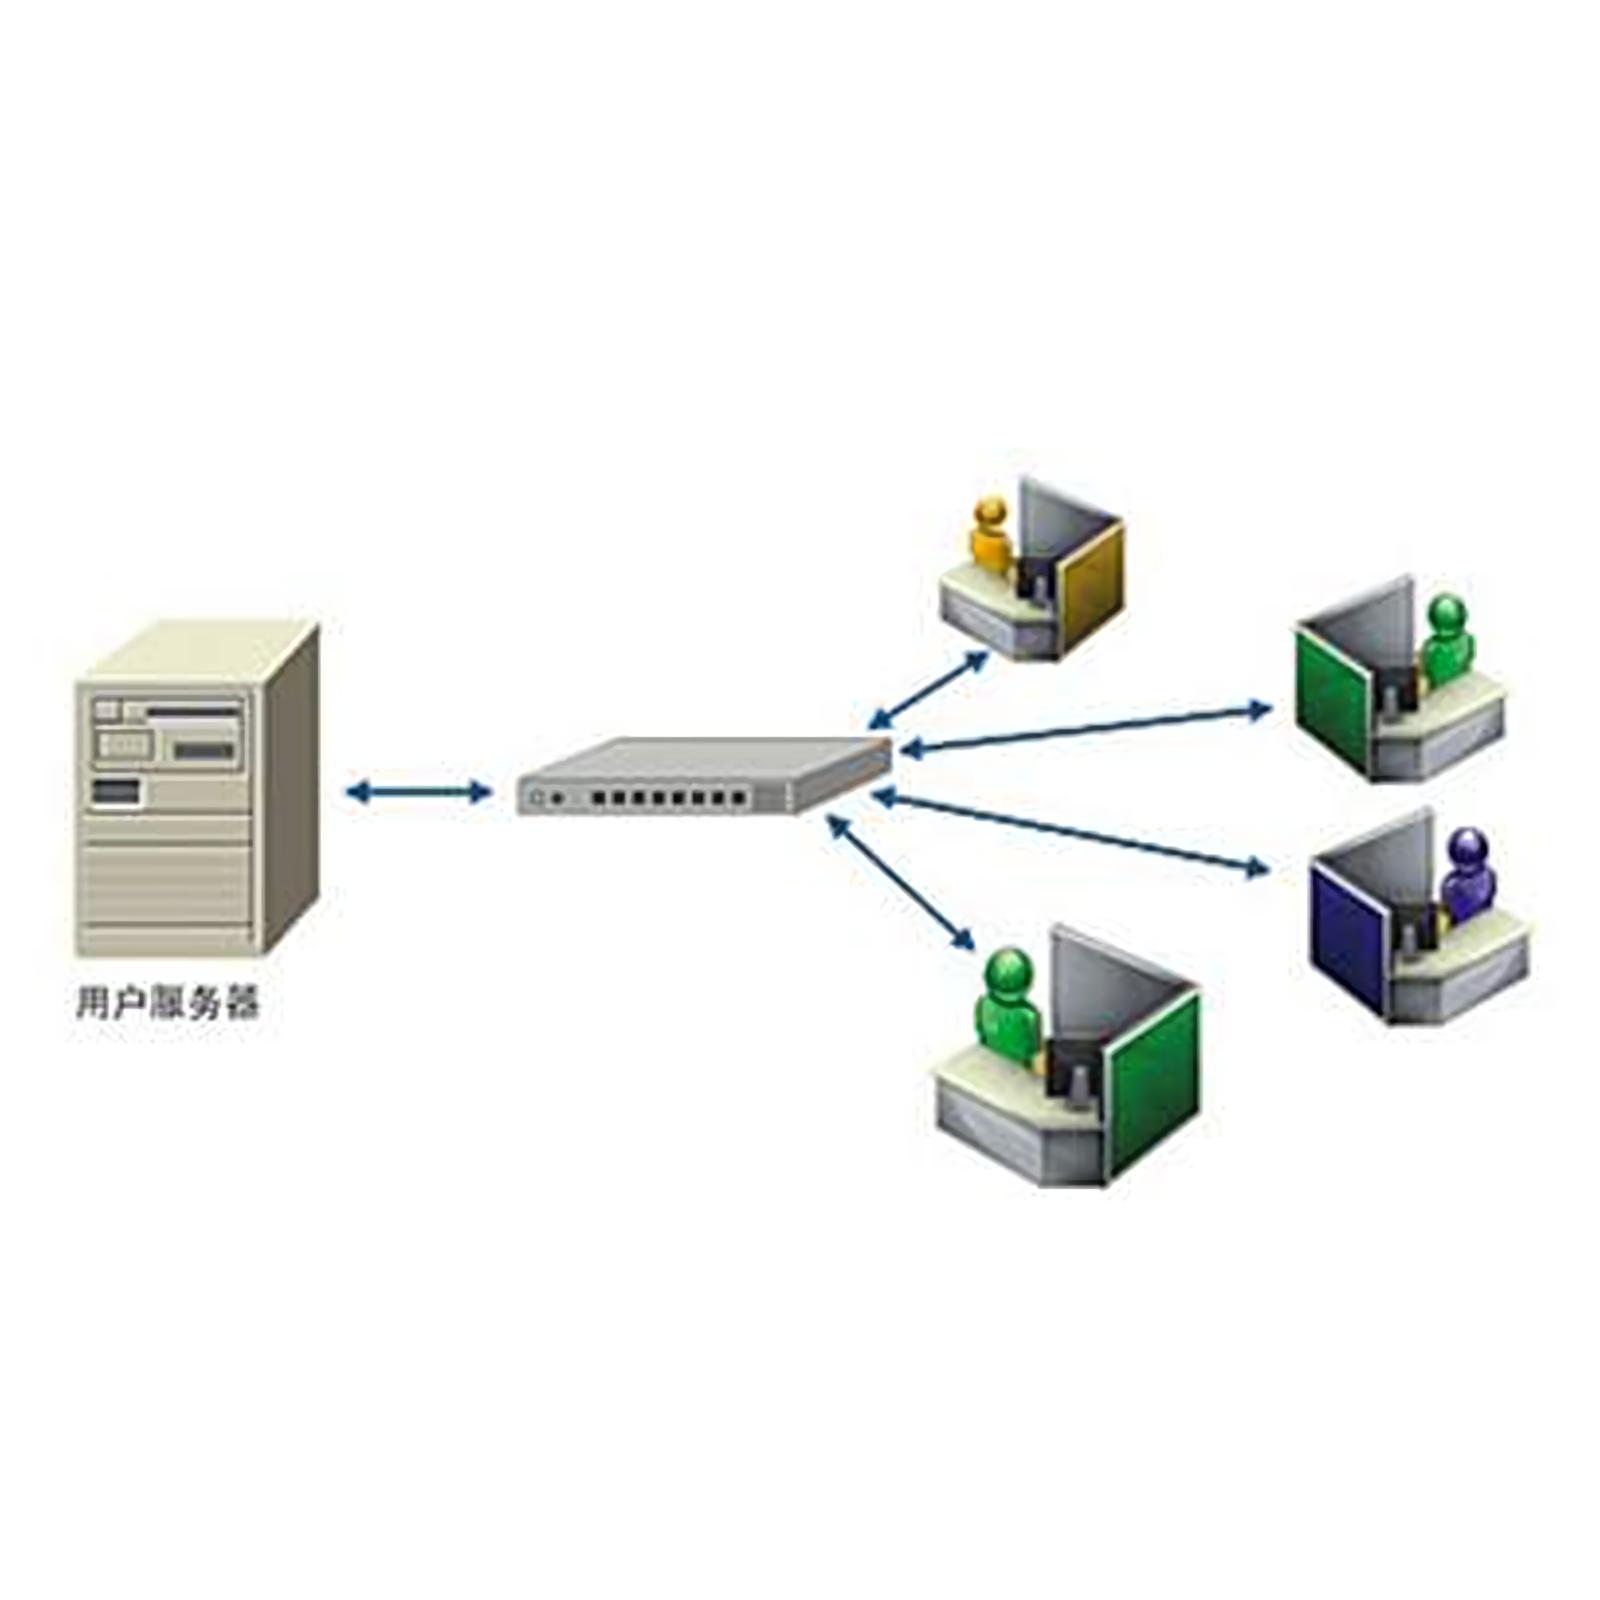 弱電智能化可以通過哪些方法組建局域網